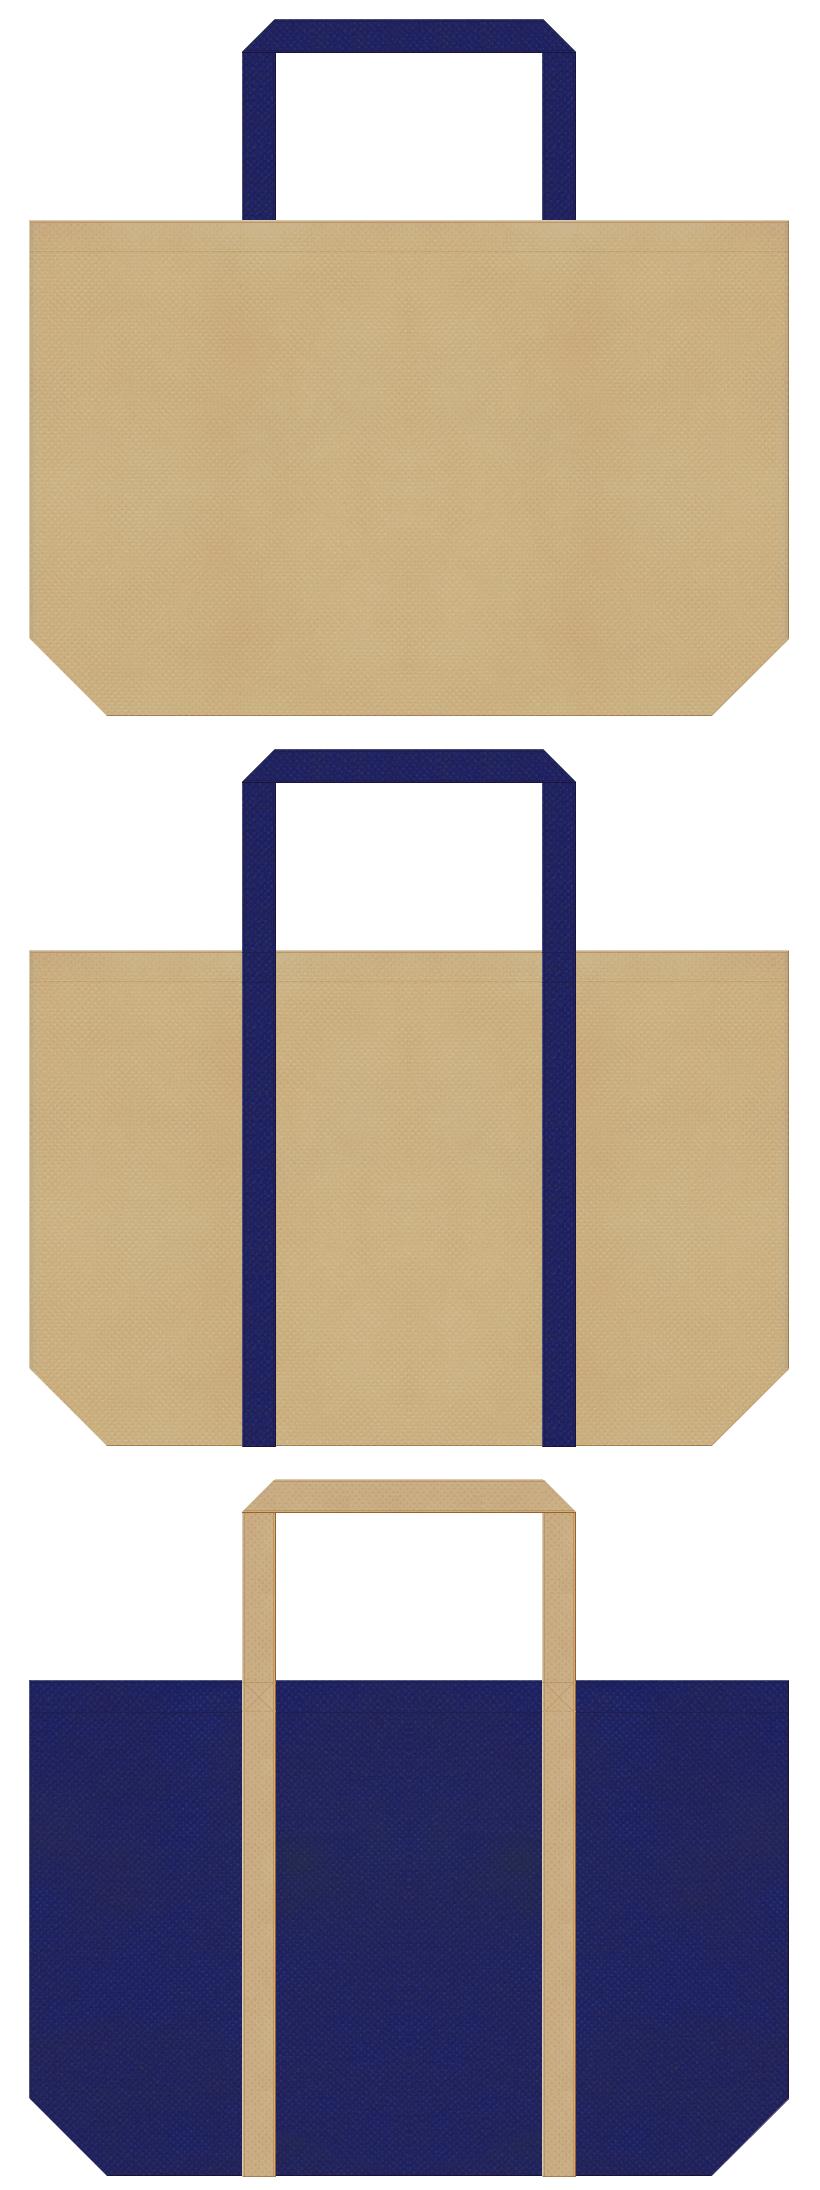 学校・オープンキャンパス・学習塾・レッスンバッグ・デニム・カジュアル・アウトレットのショッピングバッグにお奨めの不織布バッグデザイン:カーキ色と明るい紺色のコーデ